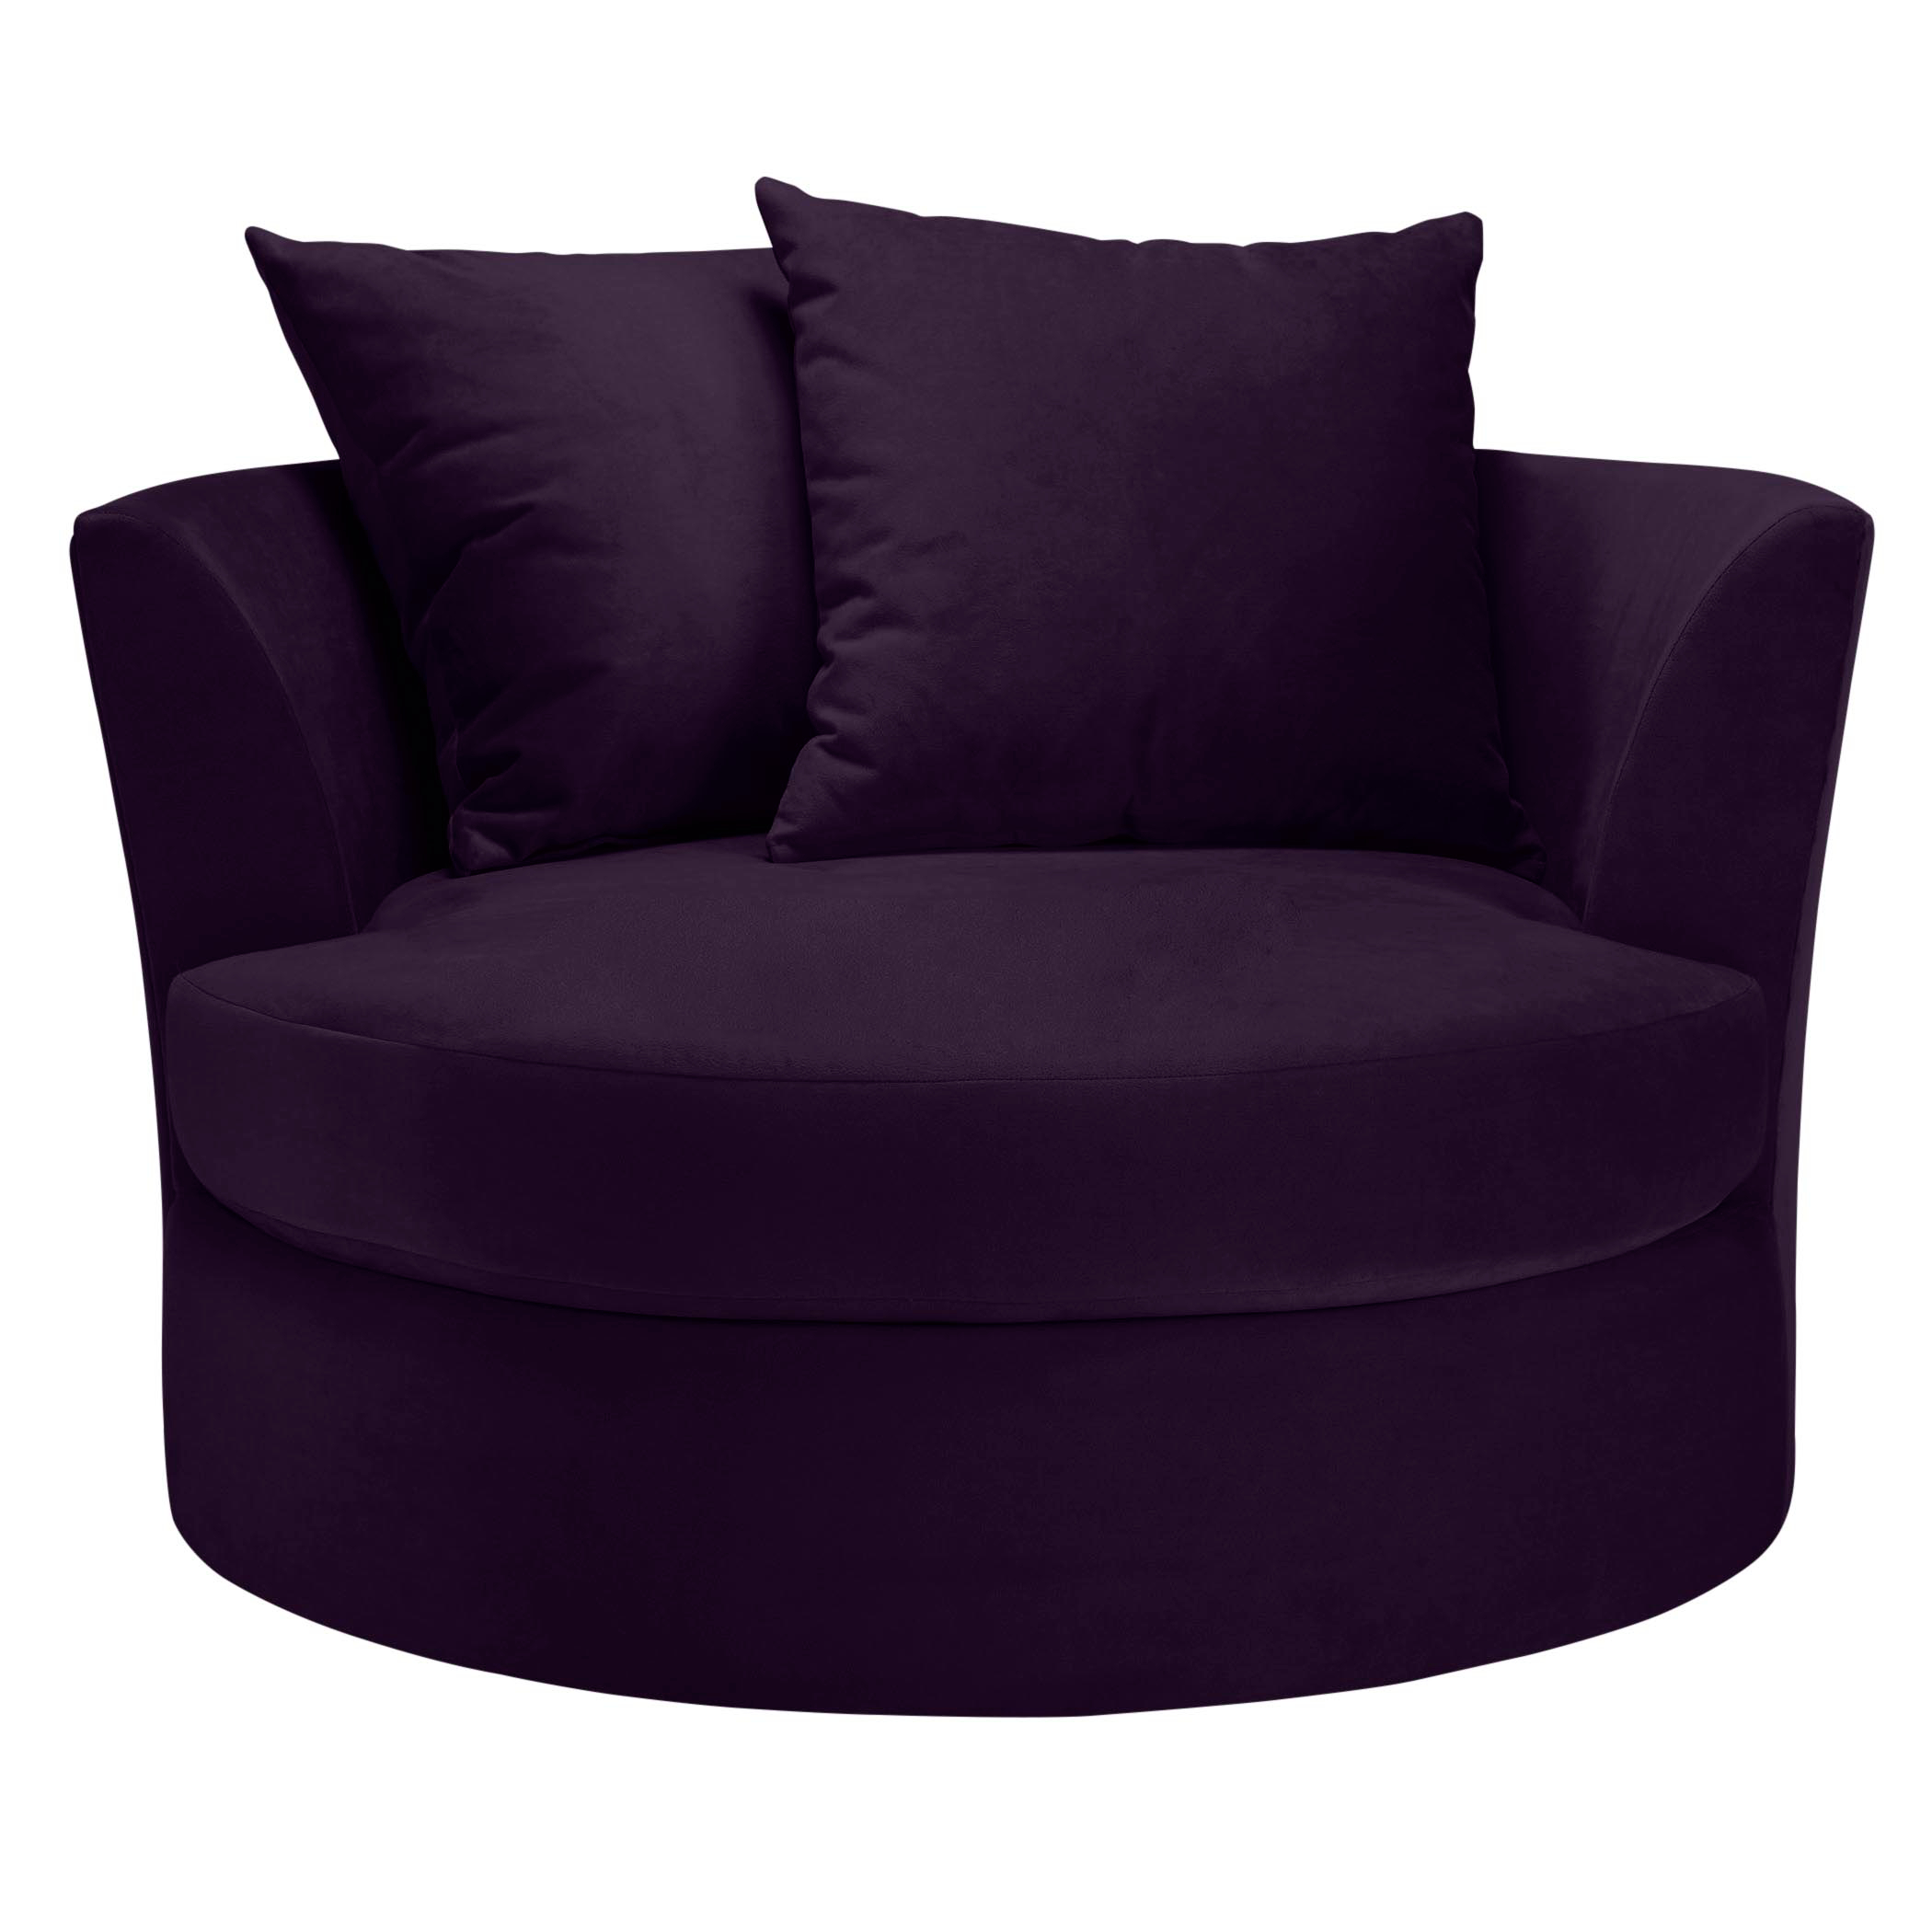 Cuddler Chair - Small